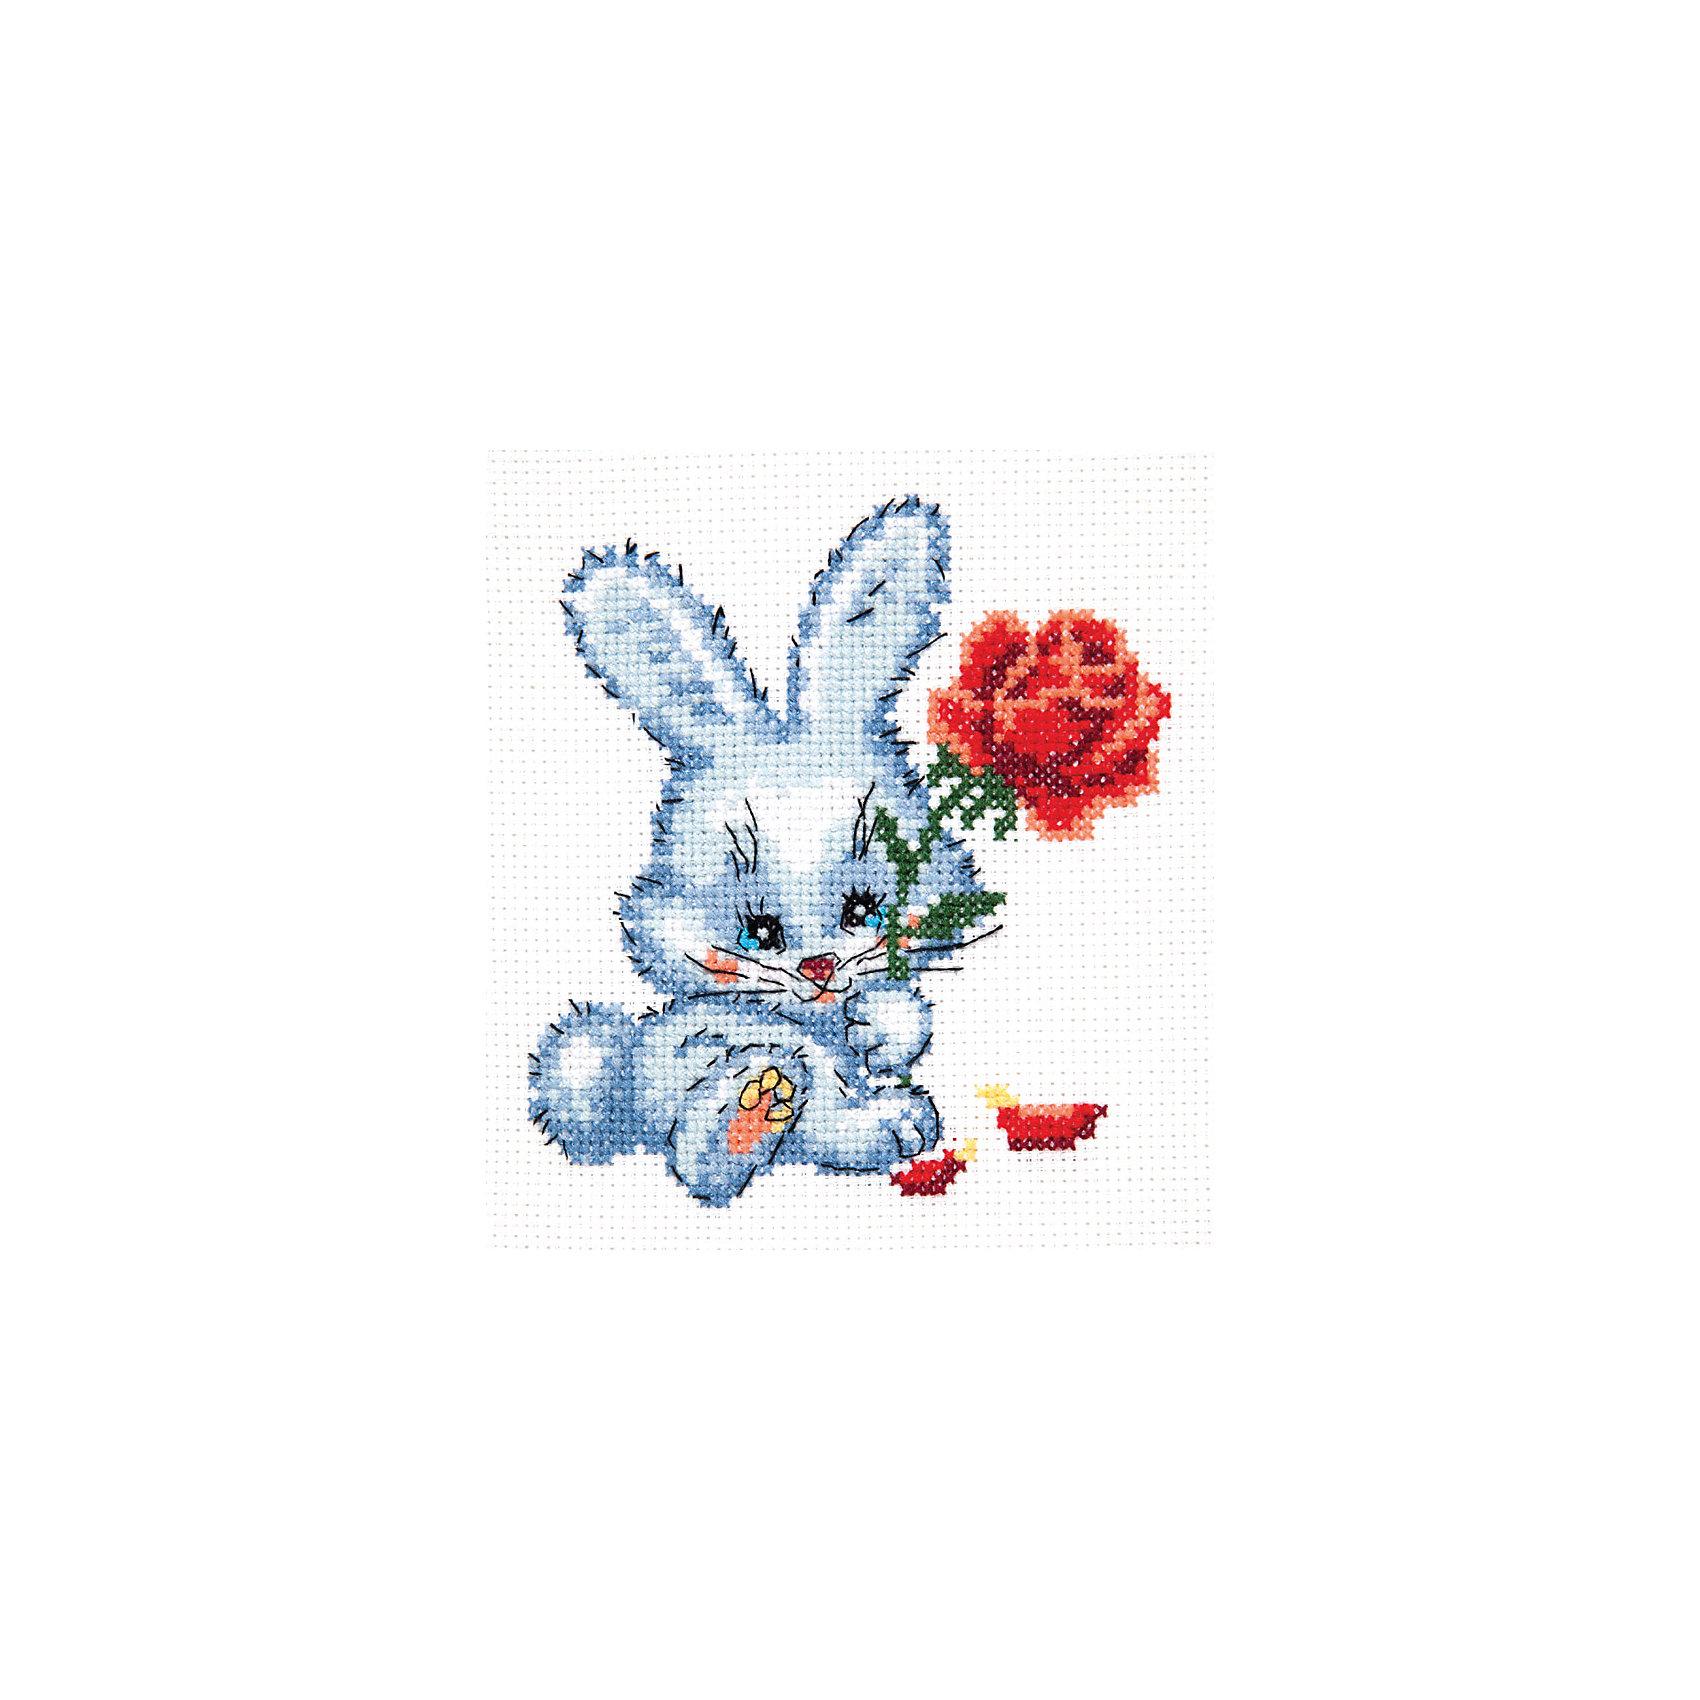 Набор для вышивания крестом «Зайчишка»Набор для вышивания крестом «Зайчишка» – это отличный подарок для маленьких рукодельниц!<br>Набор для вышивания крестом «Зайчишка», несомненно, доставит удовольствие каждому ребенку. Вышивание - очень увлекательное занятие. Простота исполнения основного элемента (крестика) позволит даже начинающему любителю рукоделия достичь потрясающего результата. На вышивке изображен зайчишка с большими ушками, который держит в лапках красивую красную розу. Схема вышивки детально проработана. Набор порадует вас насыщенными красками, идеально подобранными нитками, а также канвой, которая имеет равномерную структуру, образующую отчетливые квадратики и отверстия в углах этих квадратов, облегчающие проведение иглы и весь процесс вышивки. А законченная вышивка прекрасно украсит любой интерьер, создаст уютную атмосферу в доме или станет самым ценным для друзей и знакомых. Вышивание крестиком поможет ребенку научиться пользоваться инструментами для шитья и поспособствует развитию творческих способностей.<br><br>Дополнительная информация:<br><br>- В наборе: нитки мулине 11 цветов; игла для вышивания №24; канва Аида 14, белого цвета (без рисунка); цветная схема для вышивания; краткая инструкция на русском языке<br>- Мулине: 100% хлопок<br>- Канва Аида 14: 100% хлопок, 55 клеточек на 10 см.<br>- Размер готового изделия: 11 х 12 см.<br>- Техника: счетный крест<br>- Сложность: низкая<br><br>Набор для вышивания крестом «Зайчишка» можно купить в нашем интернет-магазине.<br><br>Ширина мм: 250<br>Глубина мм: 150<br>Высота мм: 50<br>Вес г: 33<br>Возраст от месяцев: 84<br>Возраст до месяцев: 168<br>Пол: Женский<br>Возраст: Детский<br>SKU: 4518029